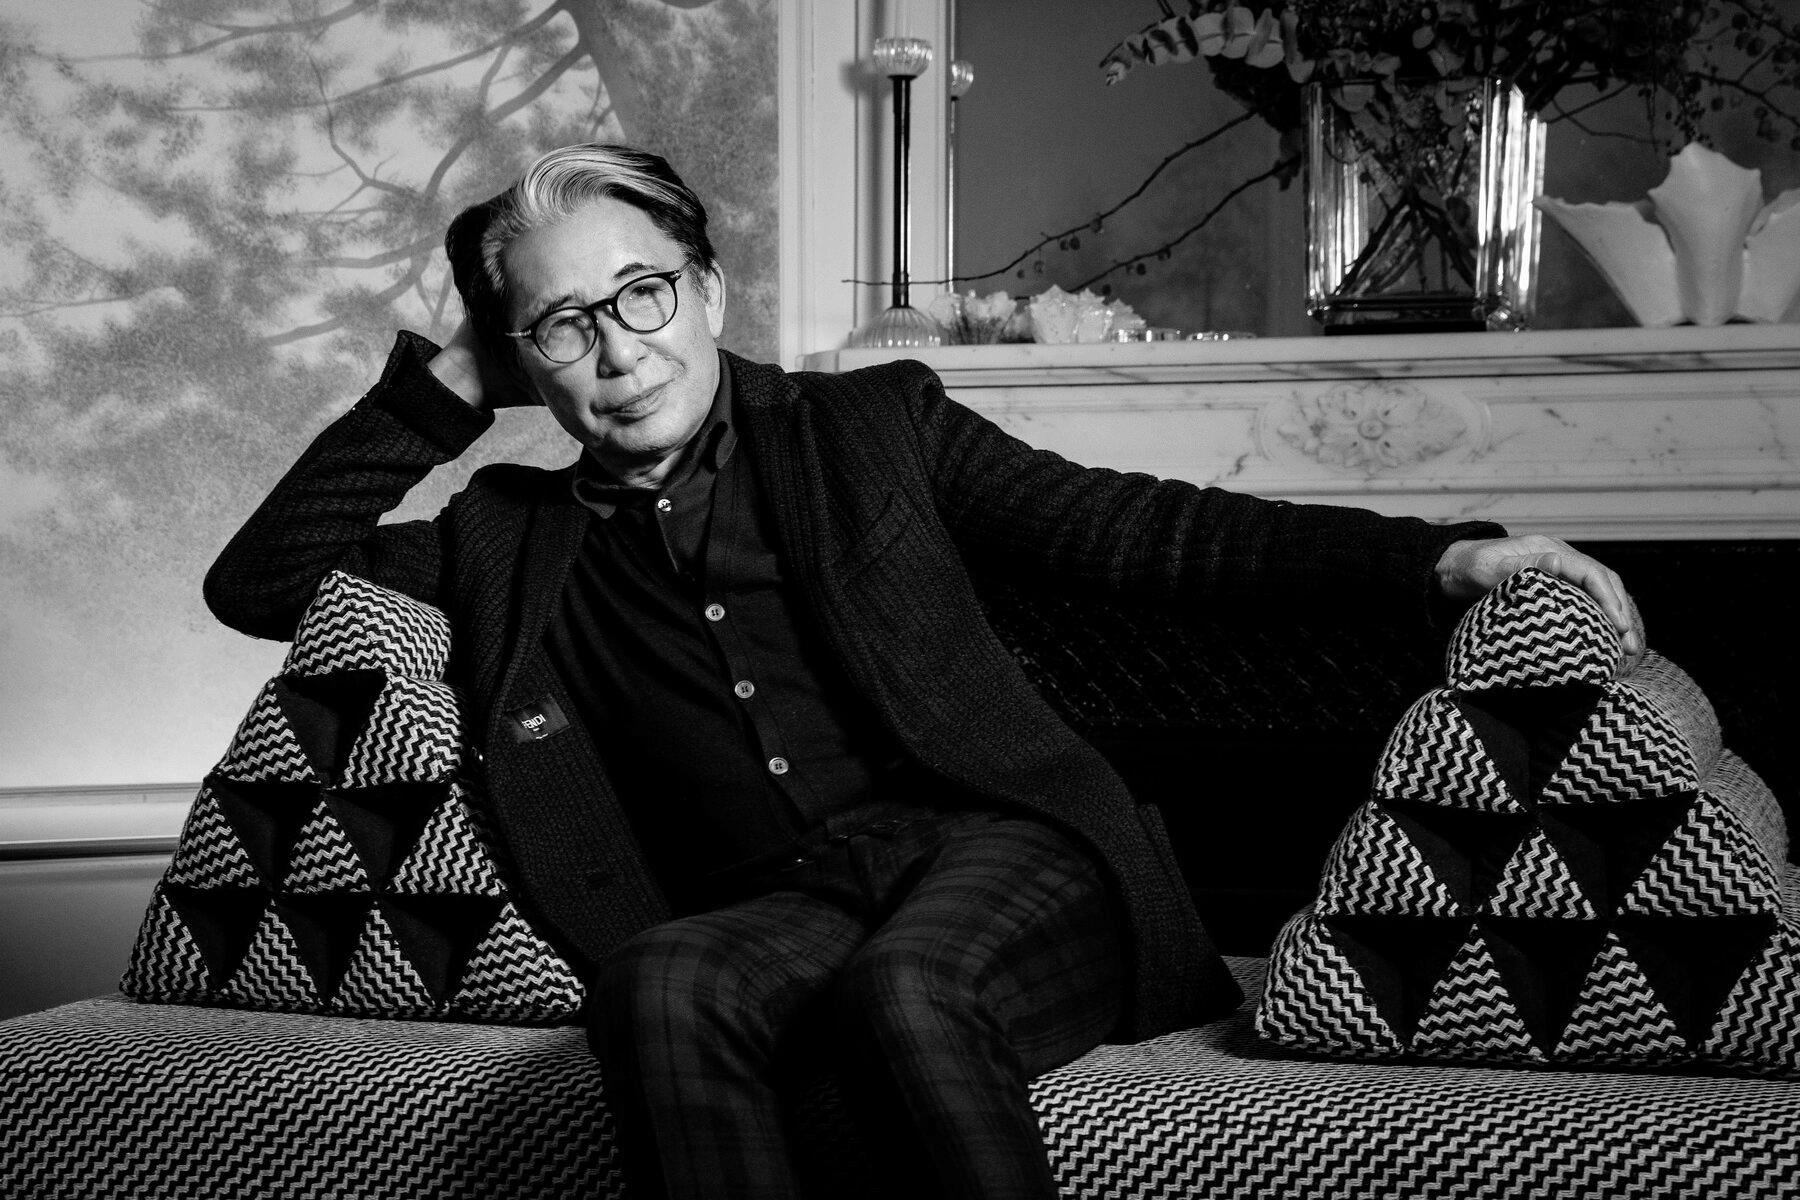 Falleció Kenzo Takada a los 81 años: 5 cosas que debes saber sobre el icónico diseñador japonés